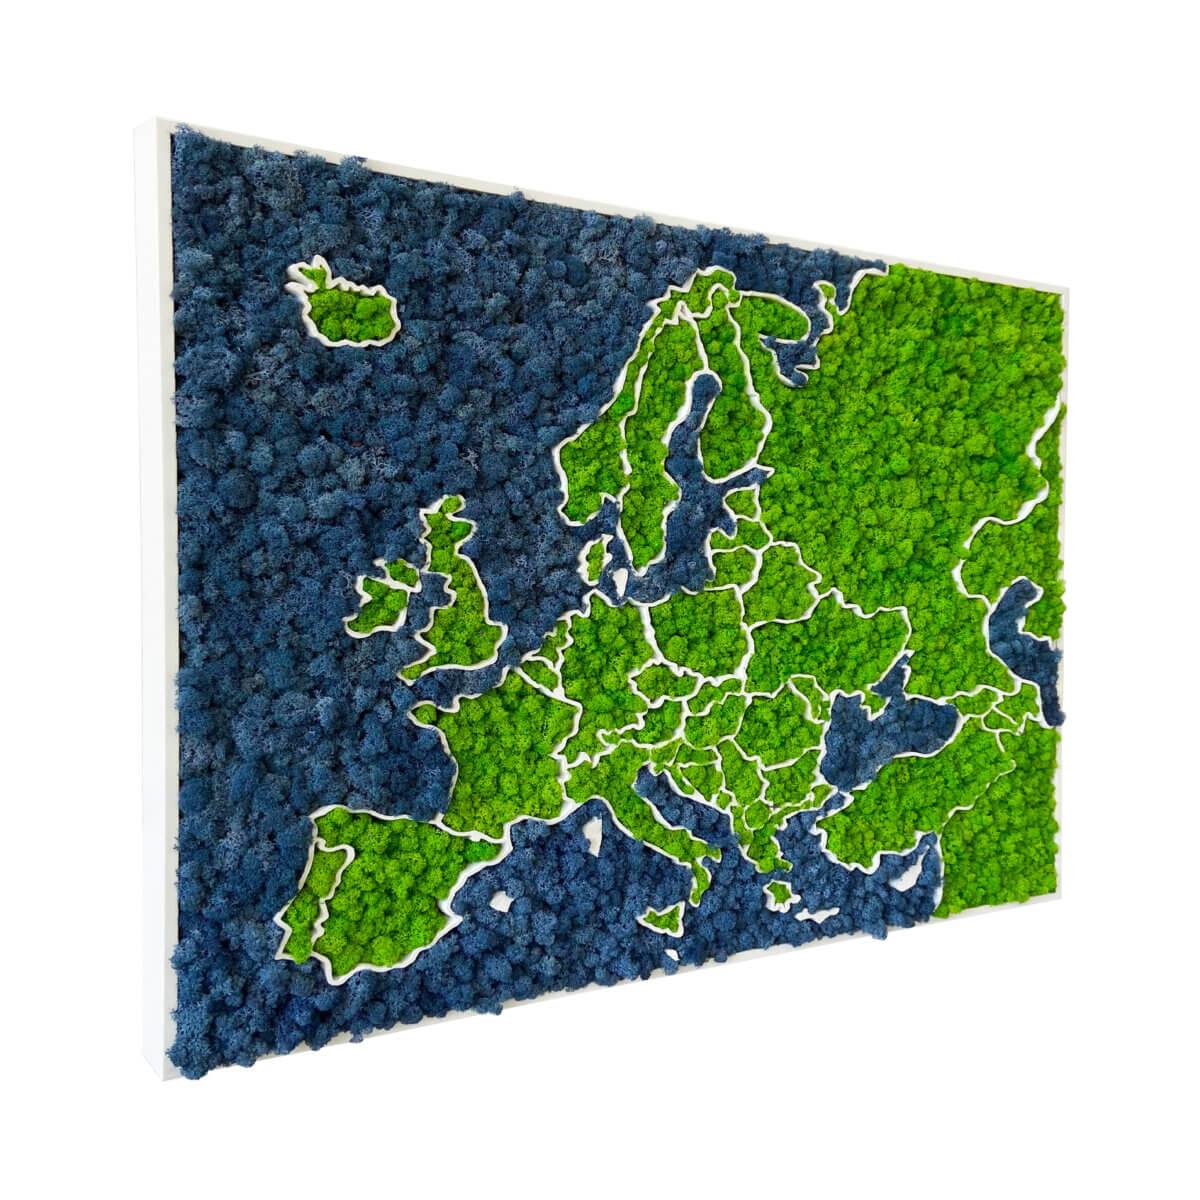 3D Europakarte aus Moos - organische Flechten